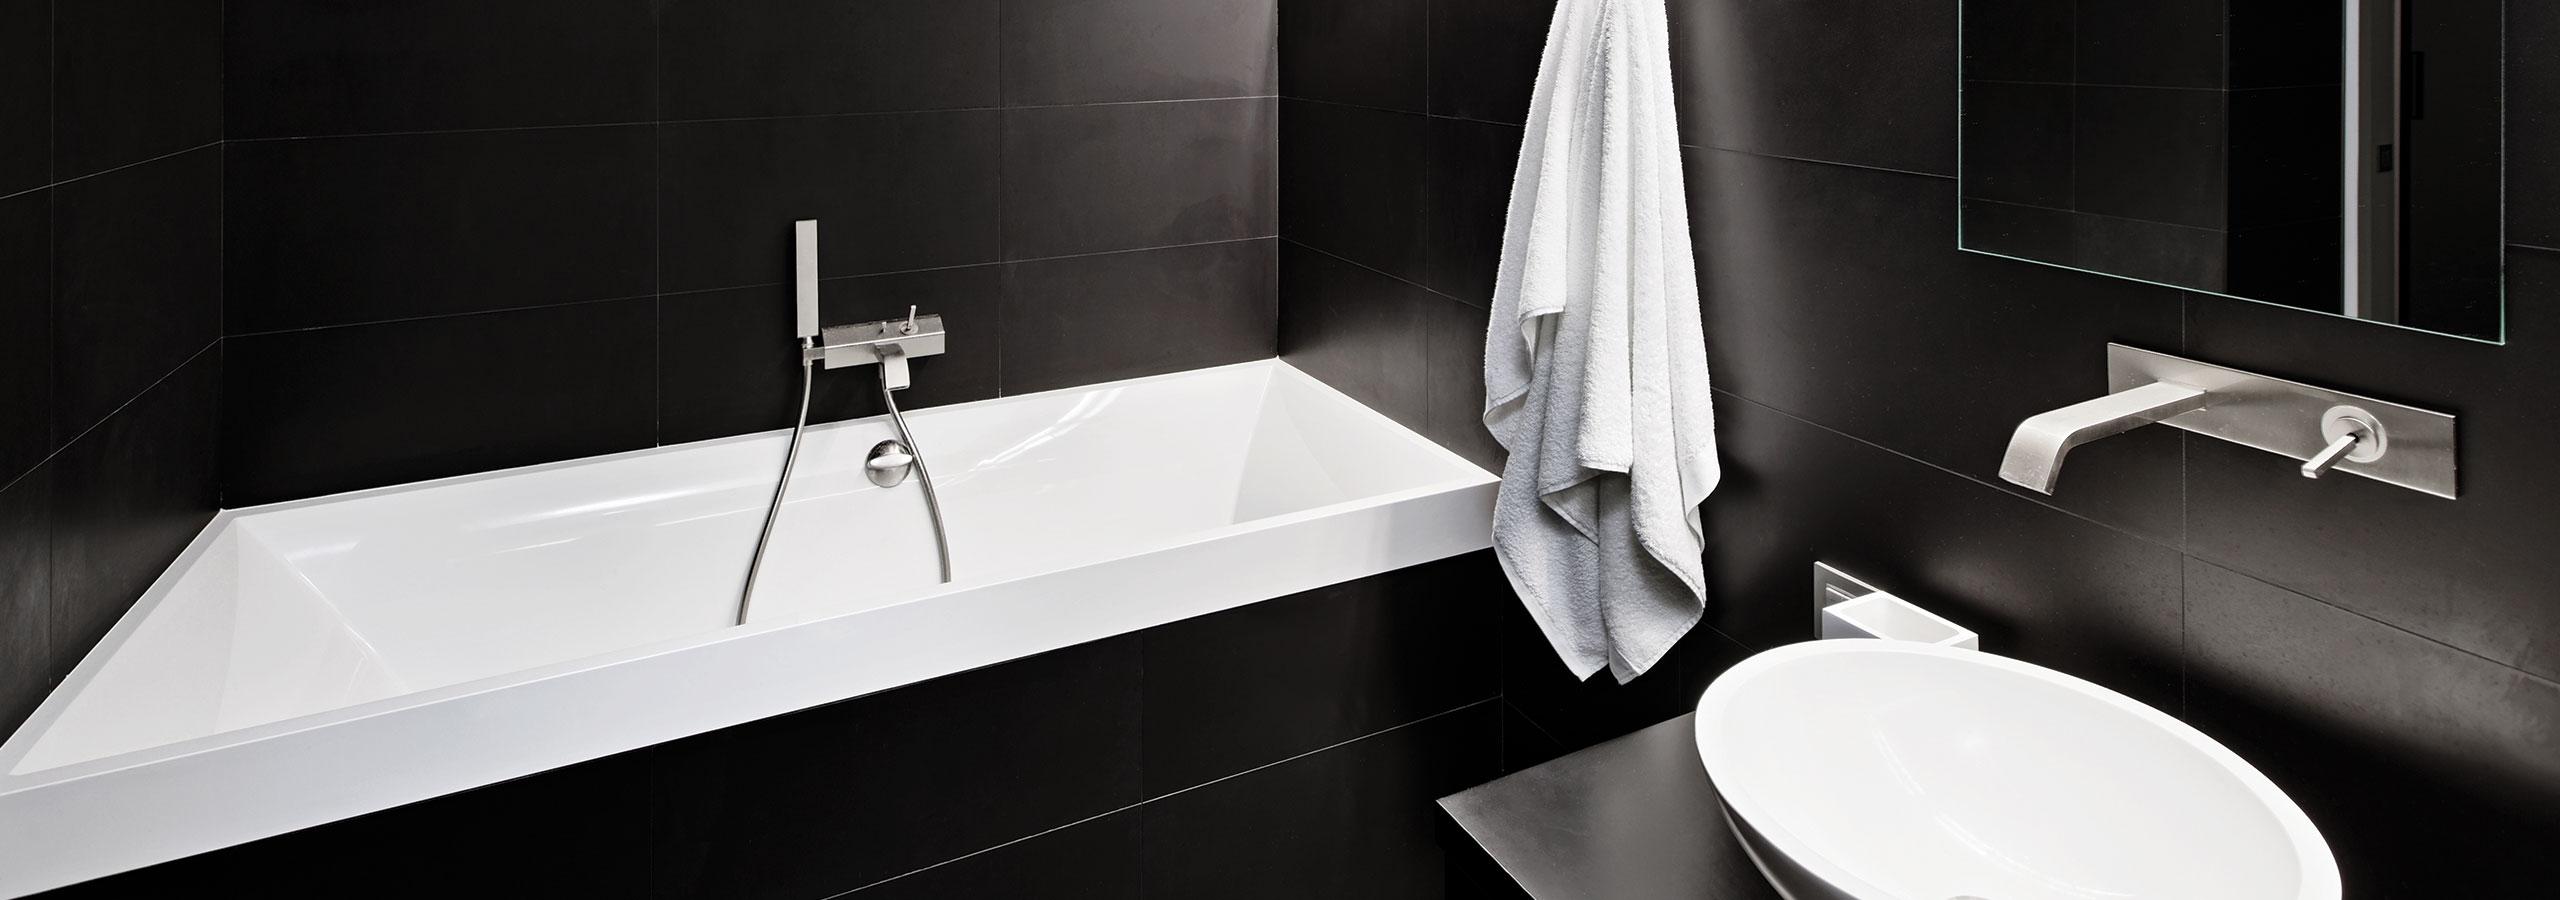 Badkamer verbouwen door de installateur uit Veenendaal